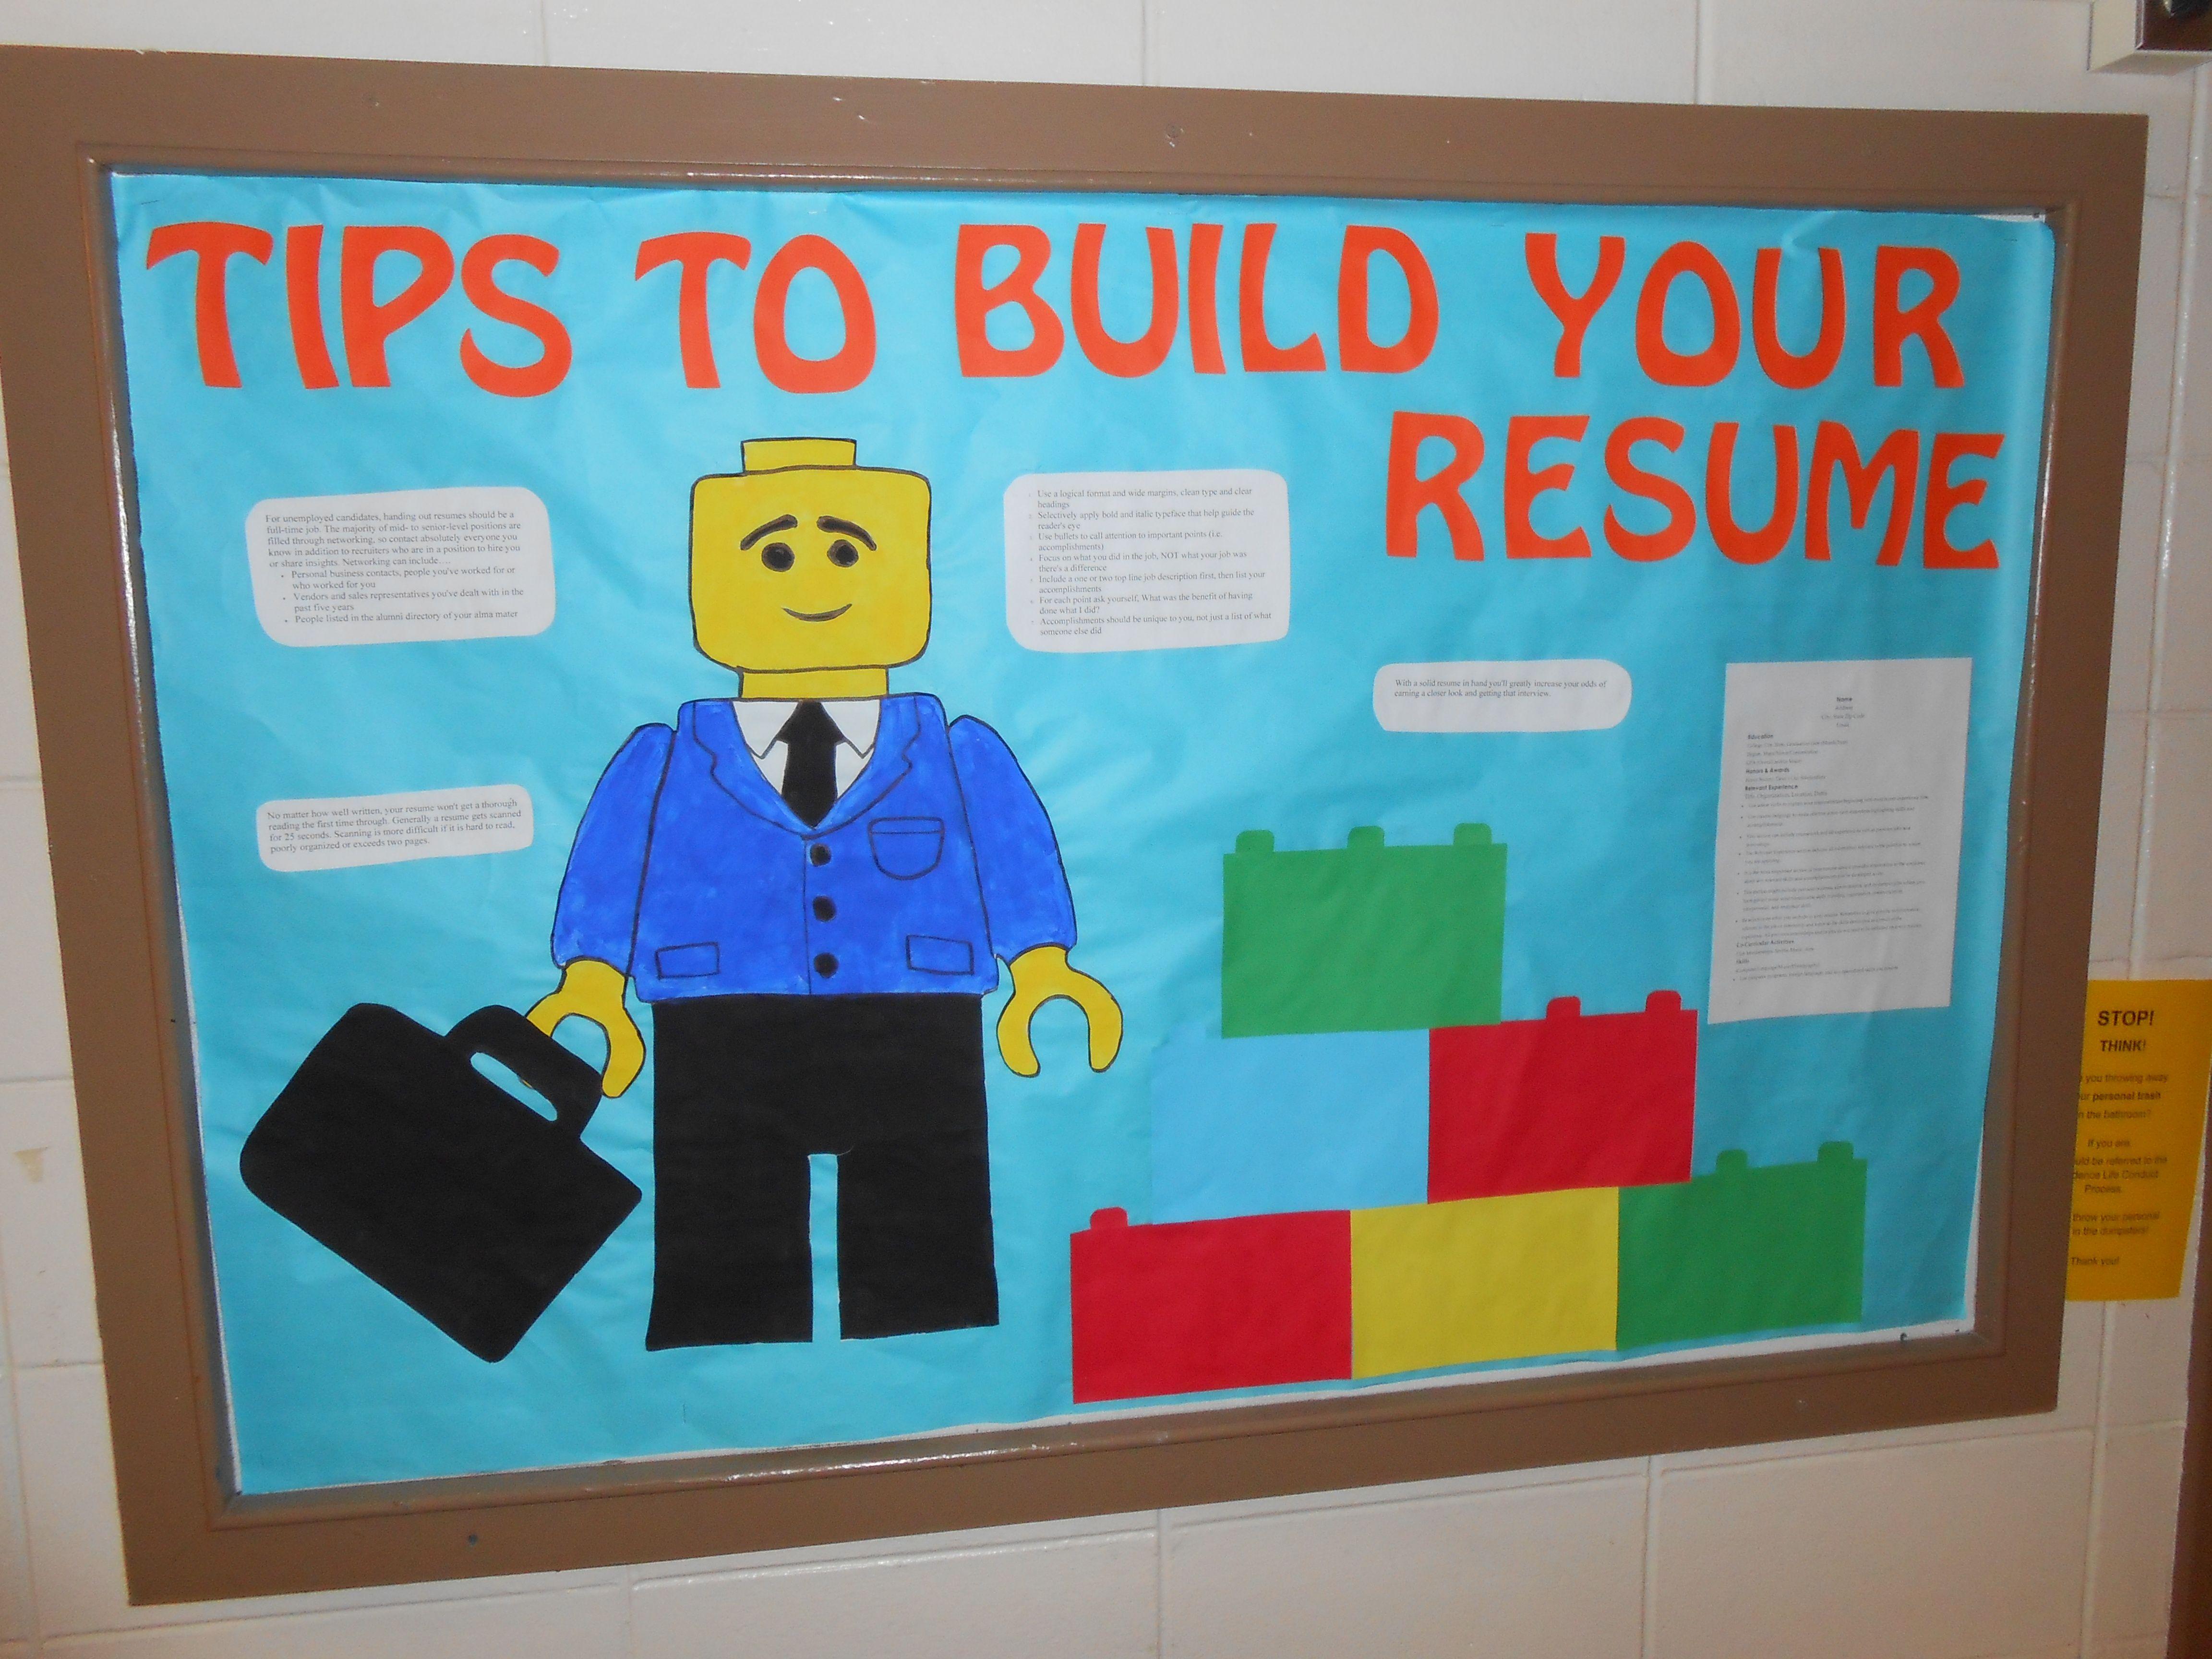 Ra Bulletin Board Lego Resume Builder Boards